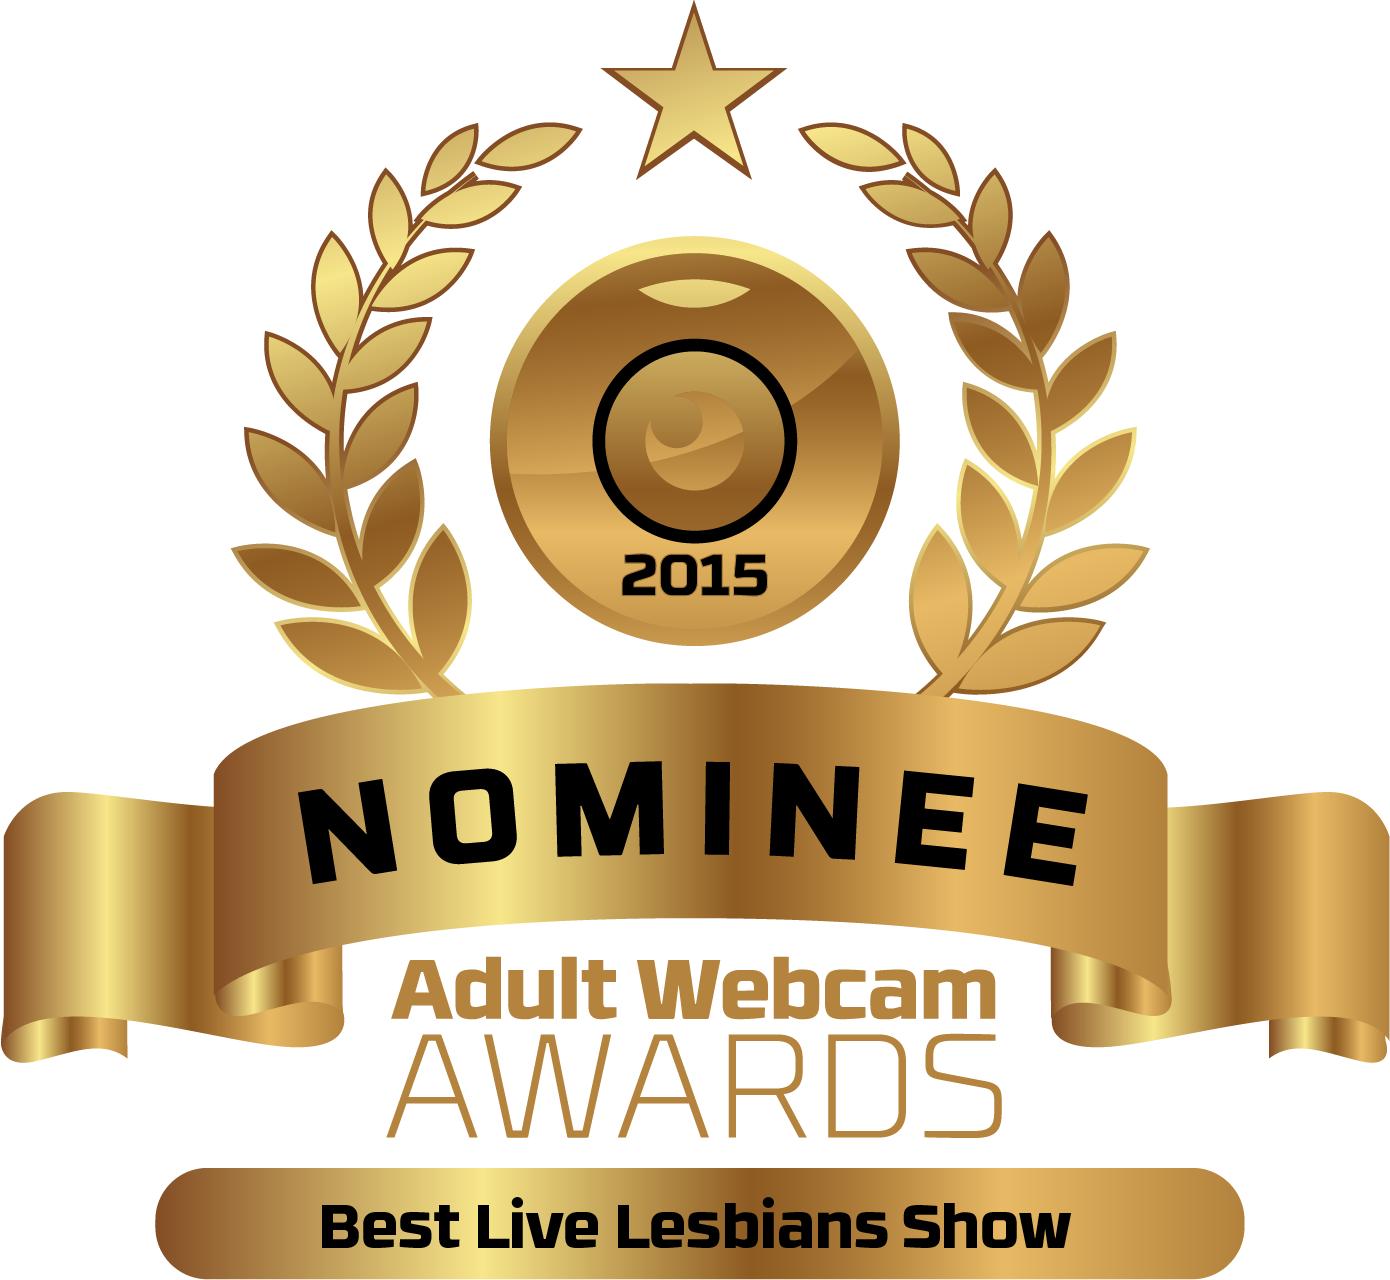 Best Live Lesbians Show